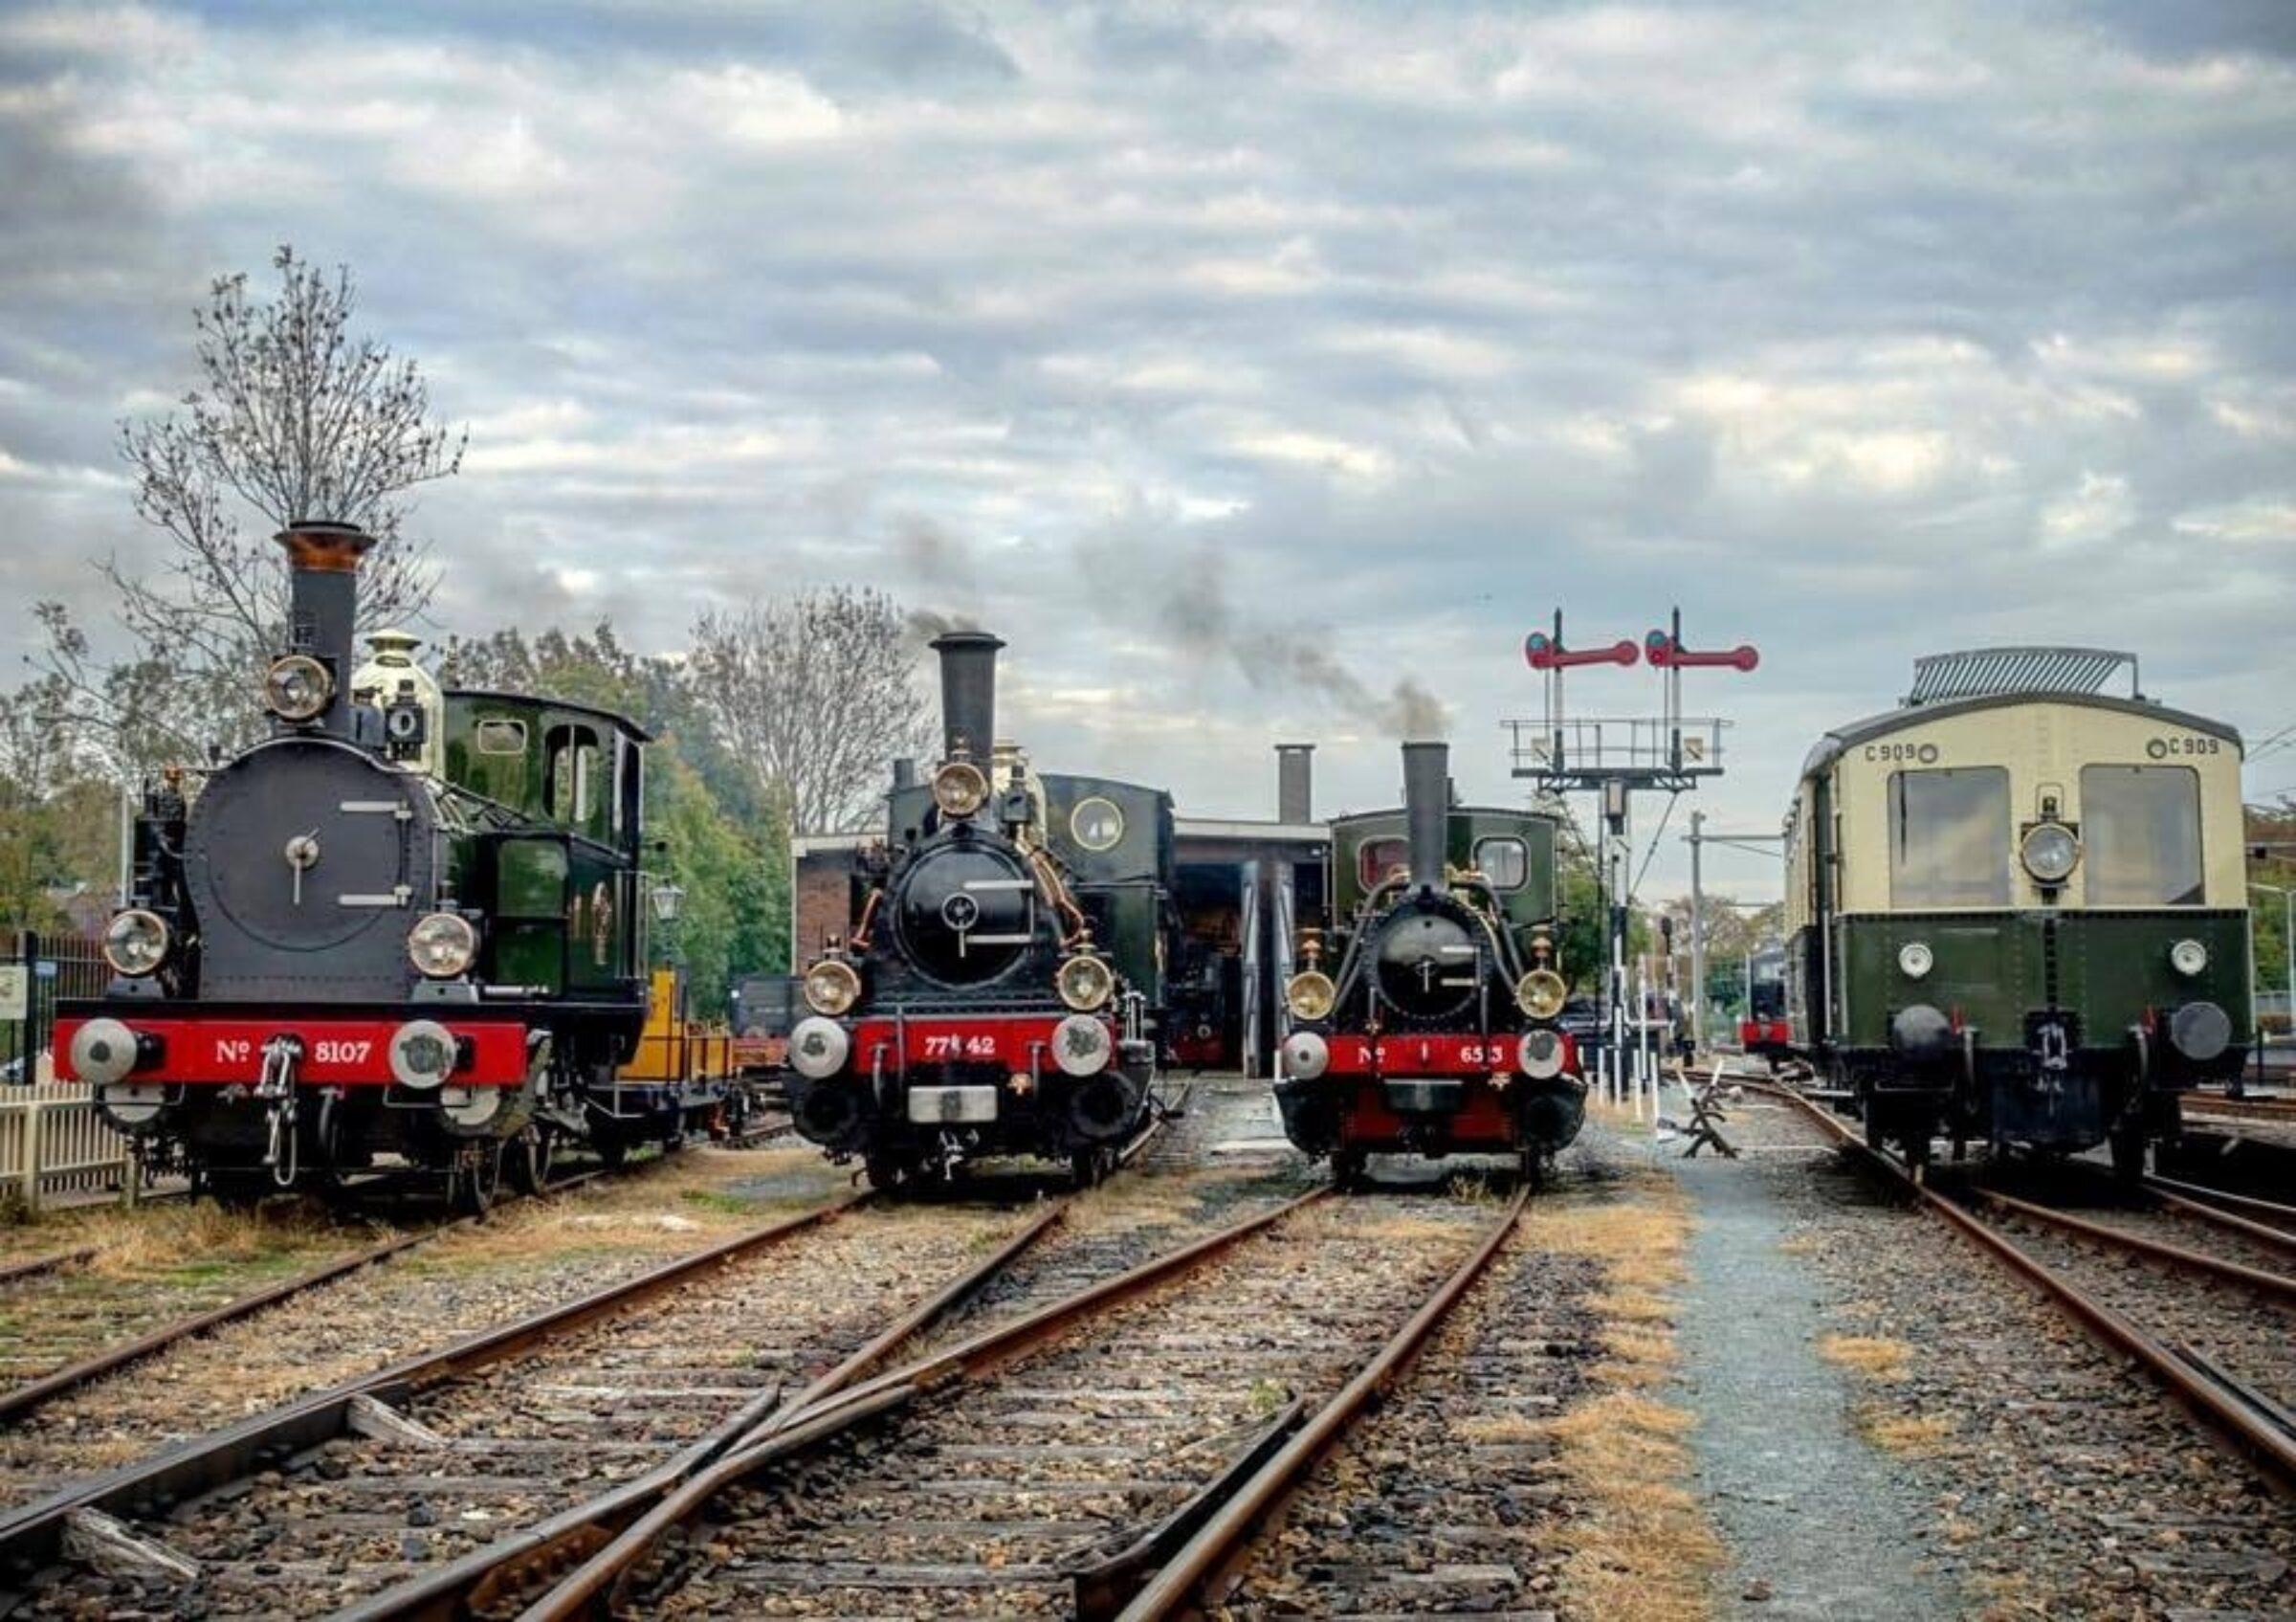 Museum Buurtspoorweg Enschede 2